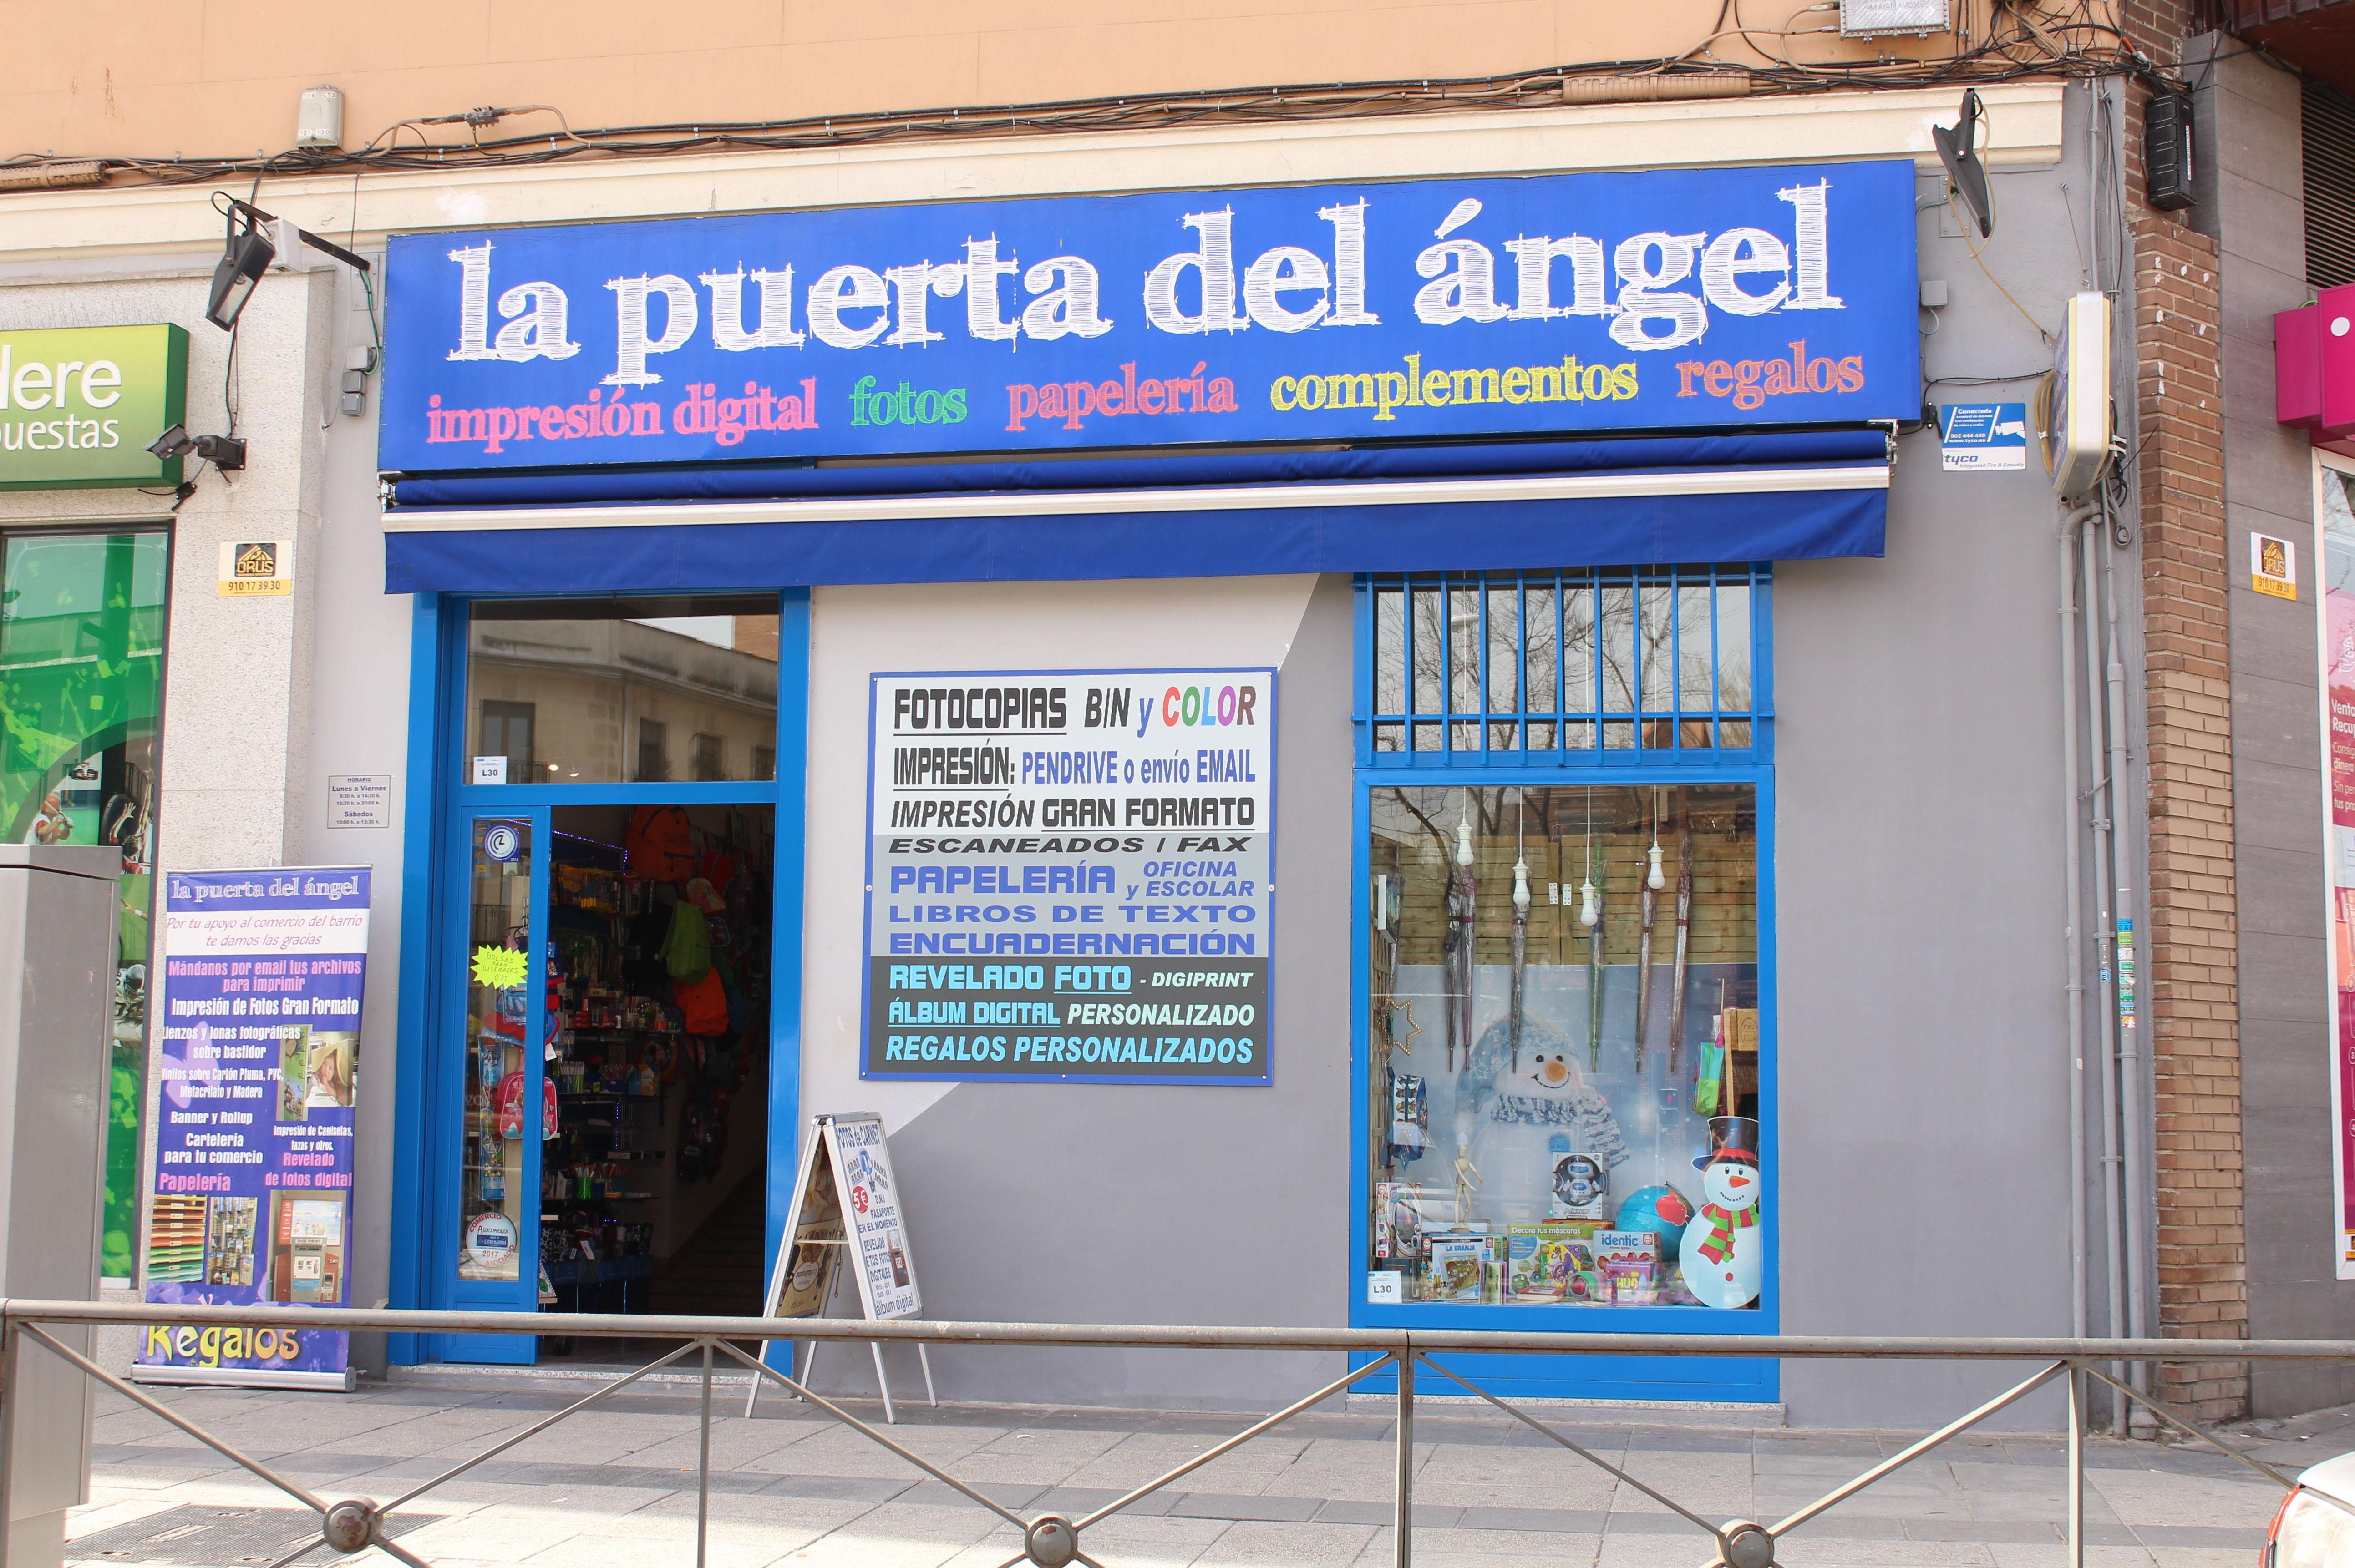 Foto 2 de reprograf a en madrid fotocopias puerta del angel - Inem puerta del angel ...